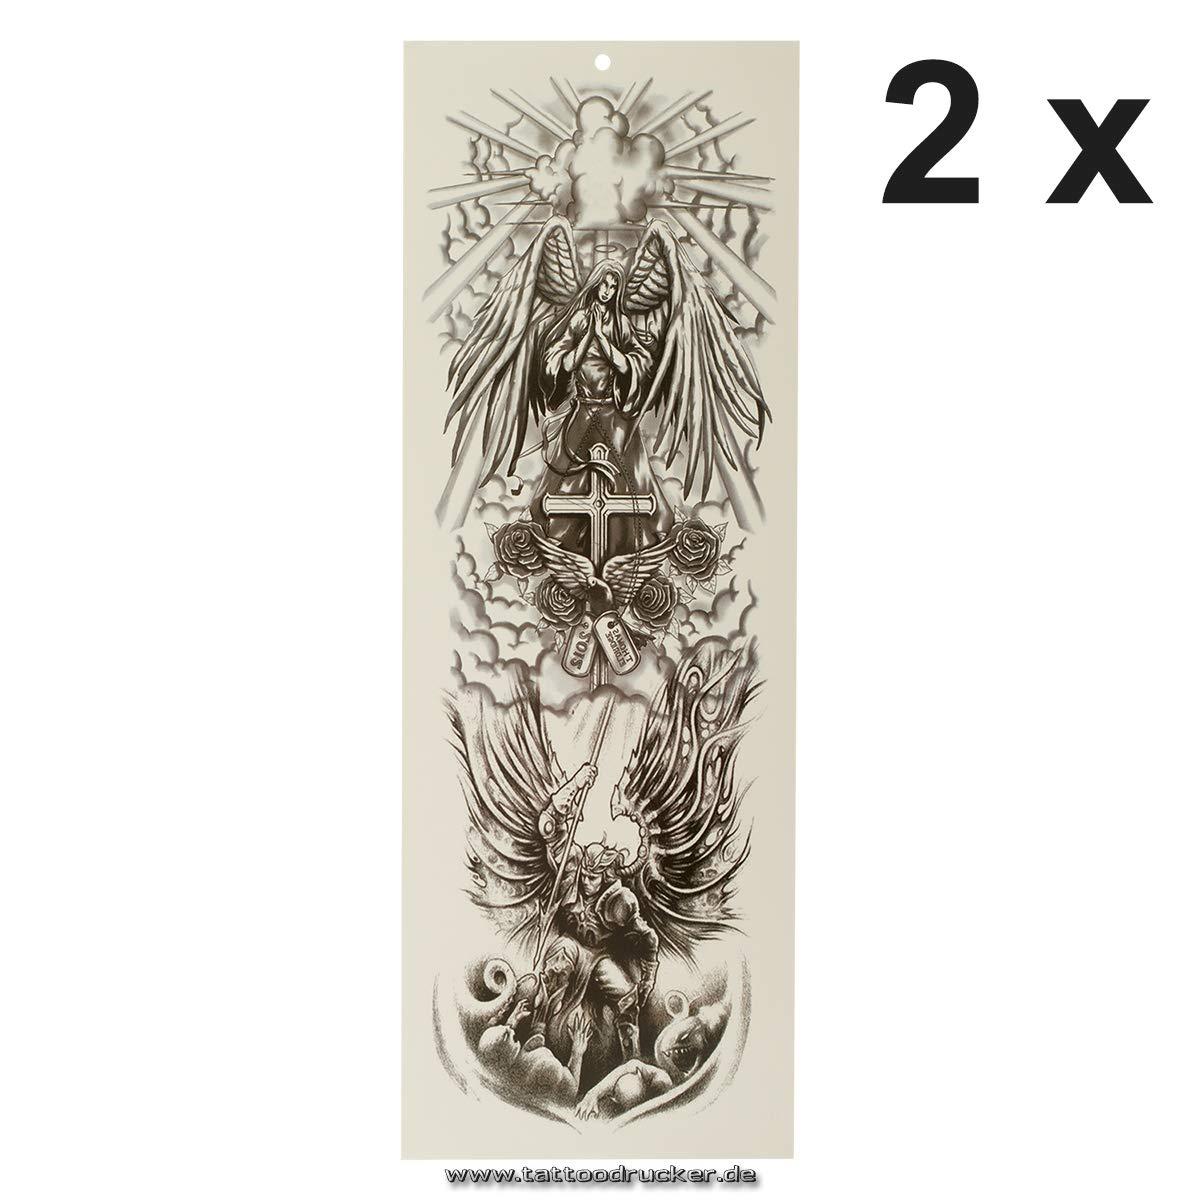 Tatuaje XXL de ángel, cruz, paloma, deimona, cielo, brazo, pierna ...